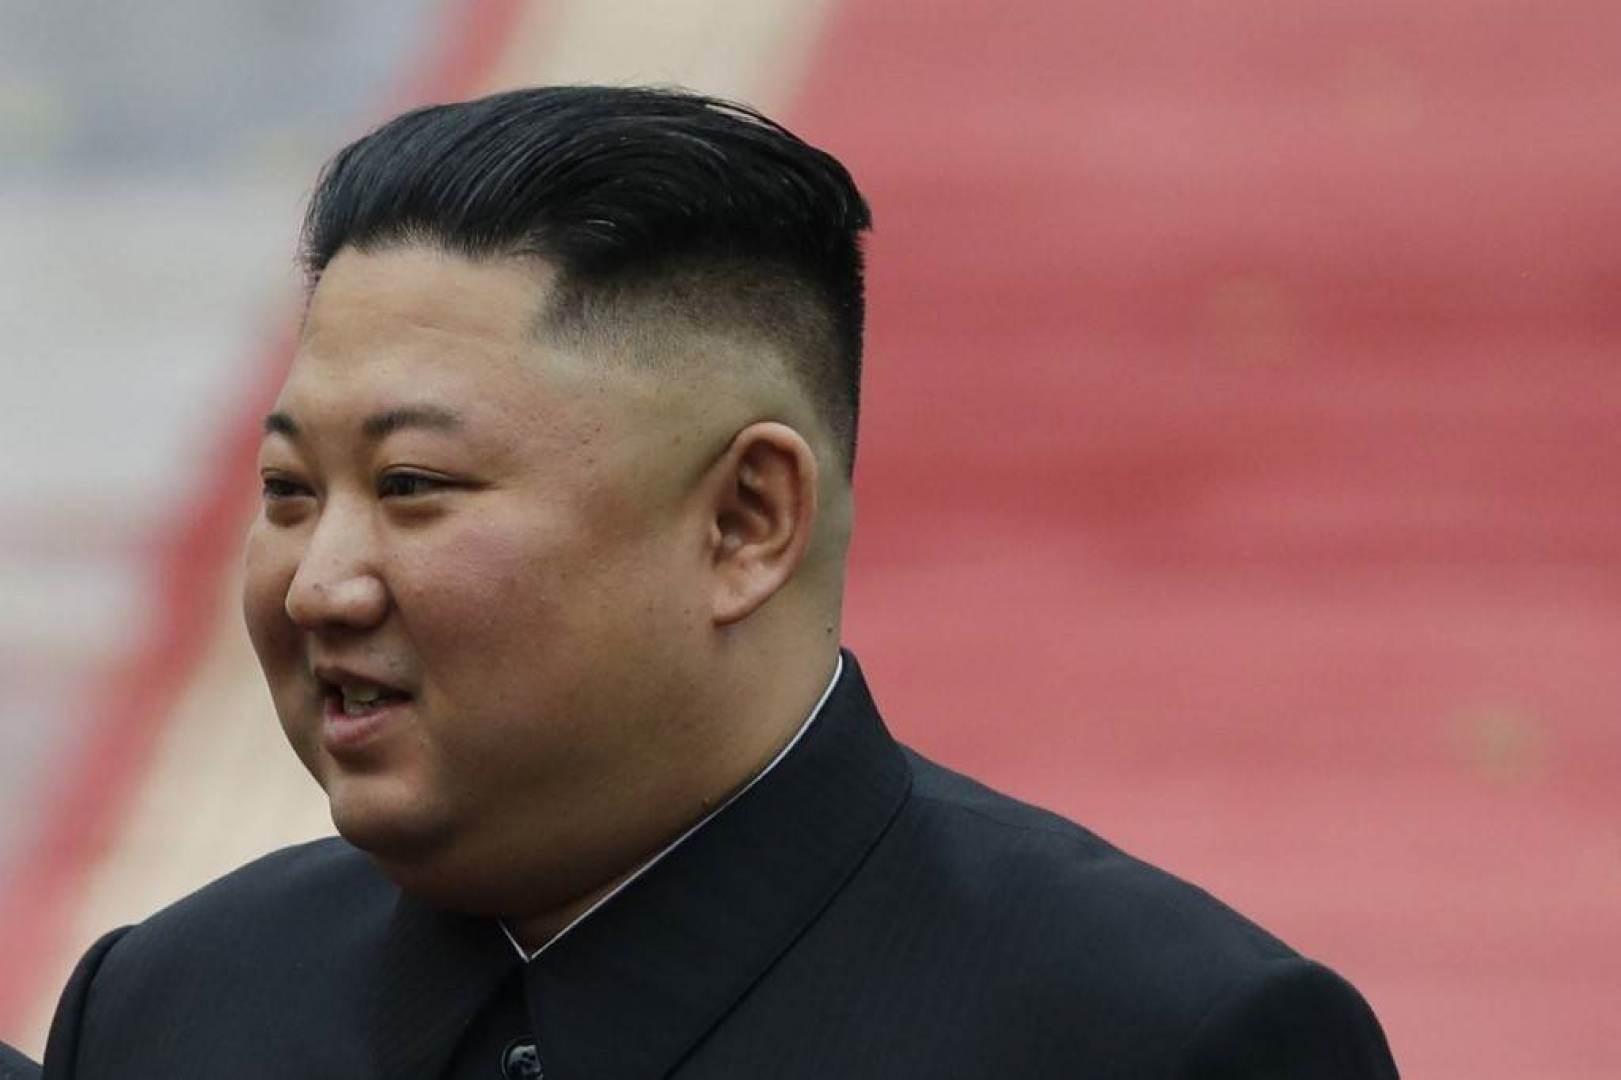 ظهور إعلامي للرئيس الكوري الشمالي يكذب الإشاعات حول وفاته